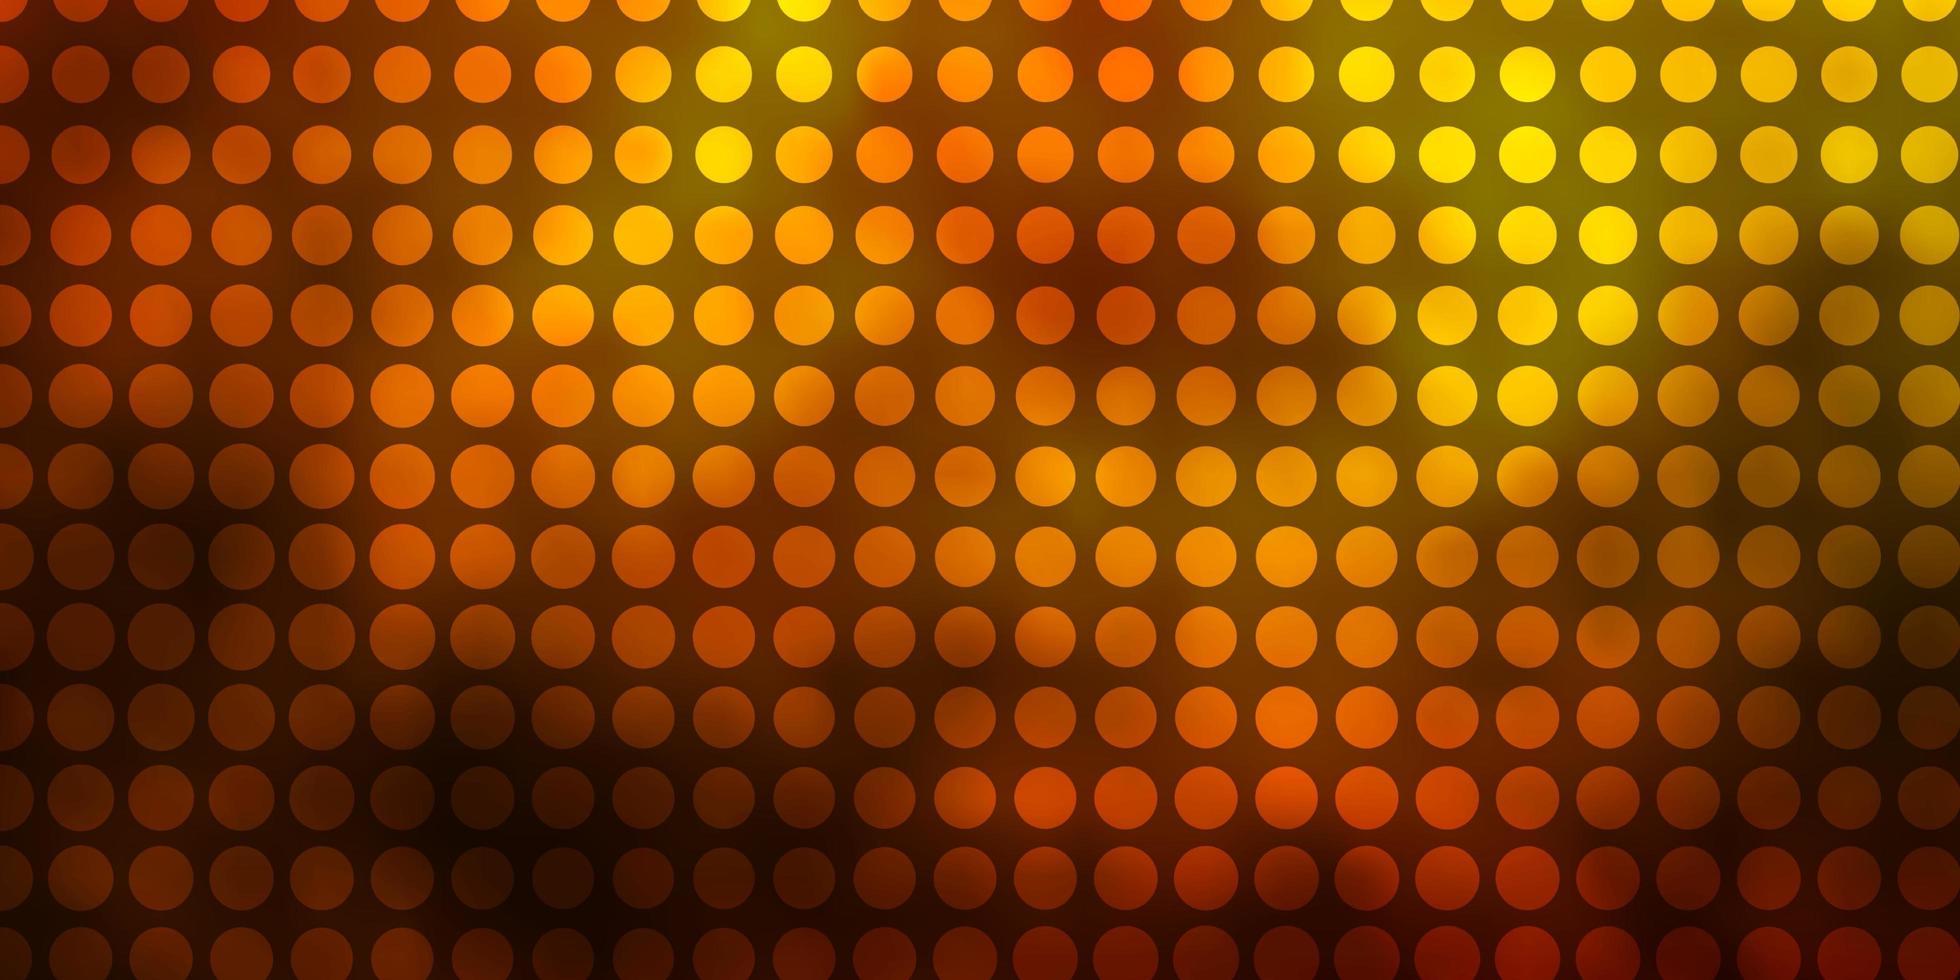 mörkgrön, gul vektormall med cirklar. vektor